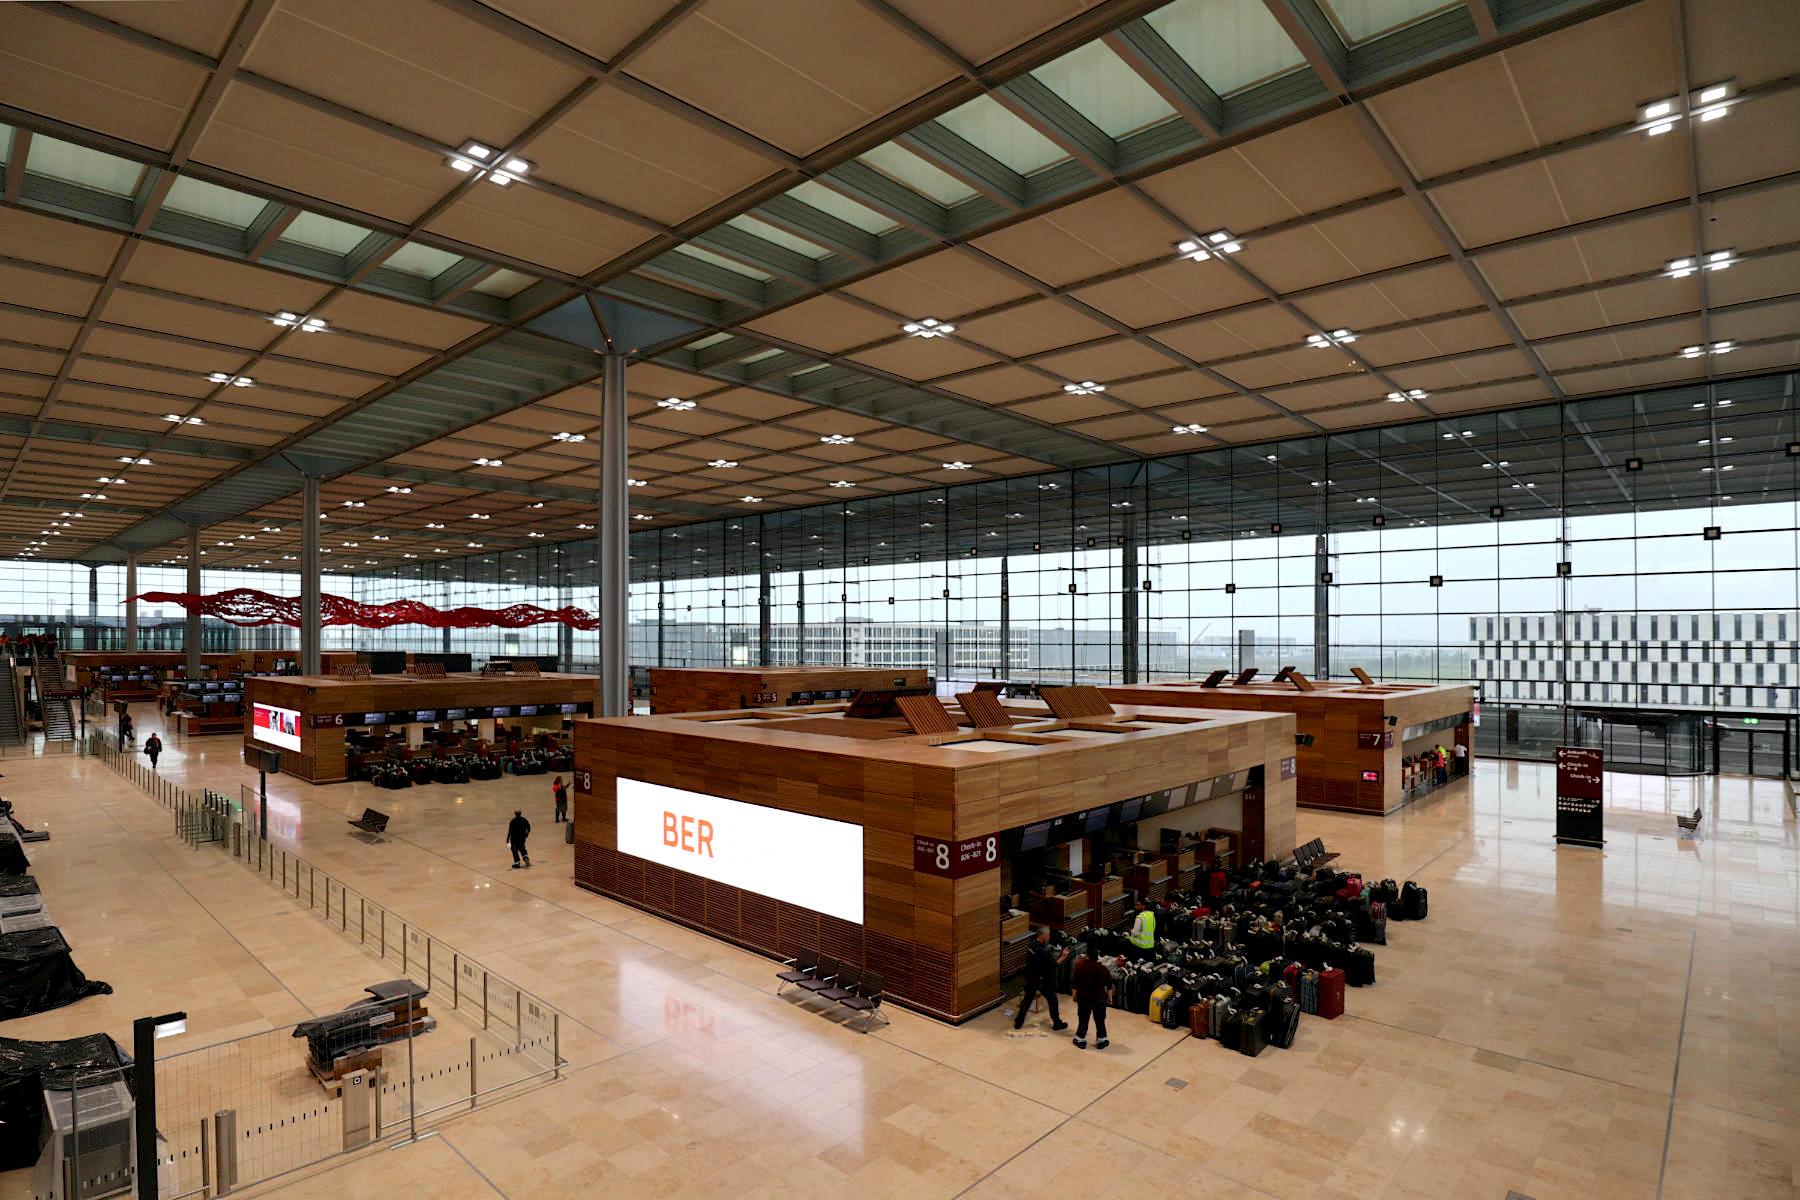 Flughafen Berlin Brandenburg BER. Es gibt acht Check-in-Inseln in der Haupthalle und jeweils eine Check-in-Insel mit 12 Schaltern im Pavillon Nord bzw. Süd.